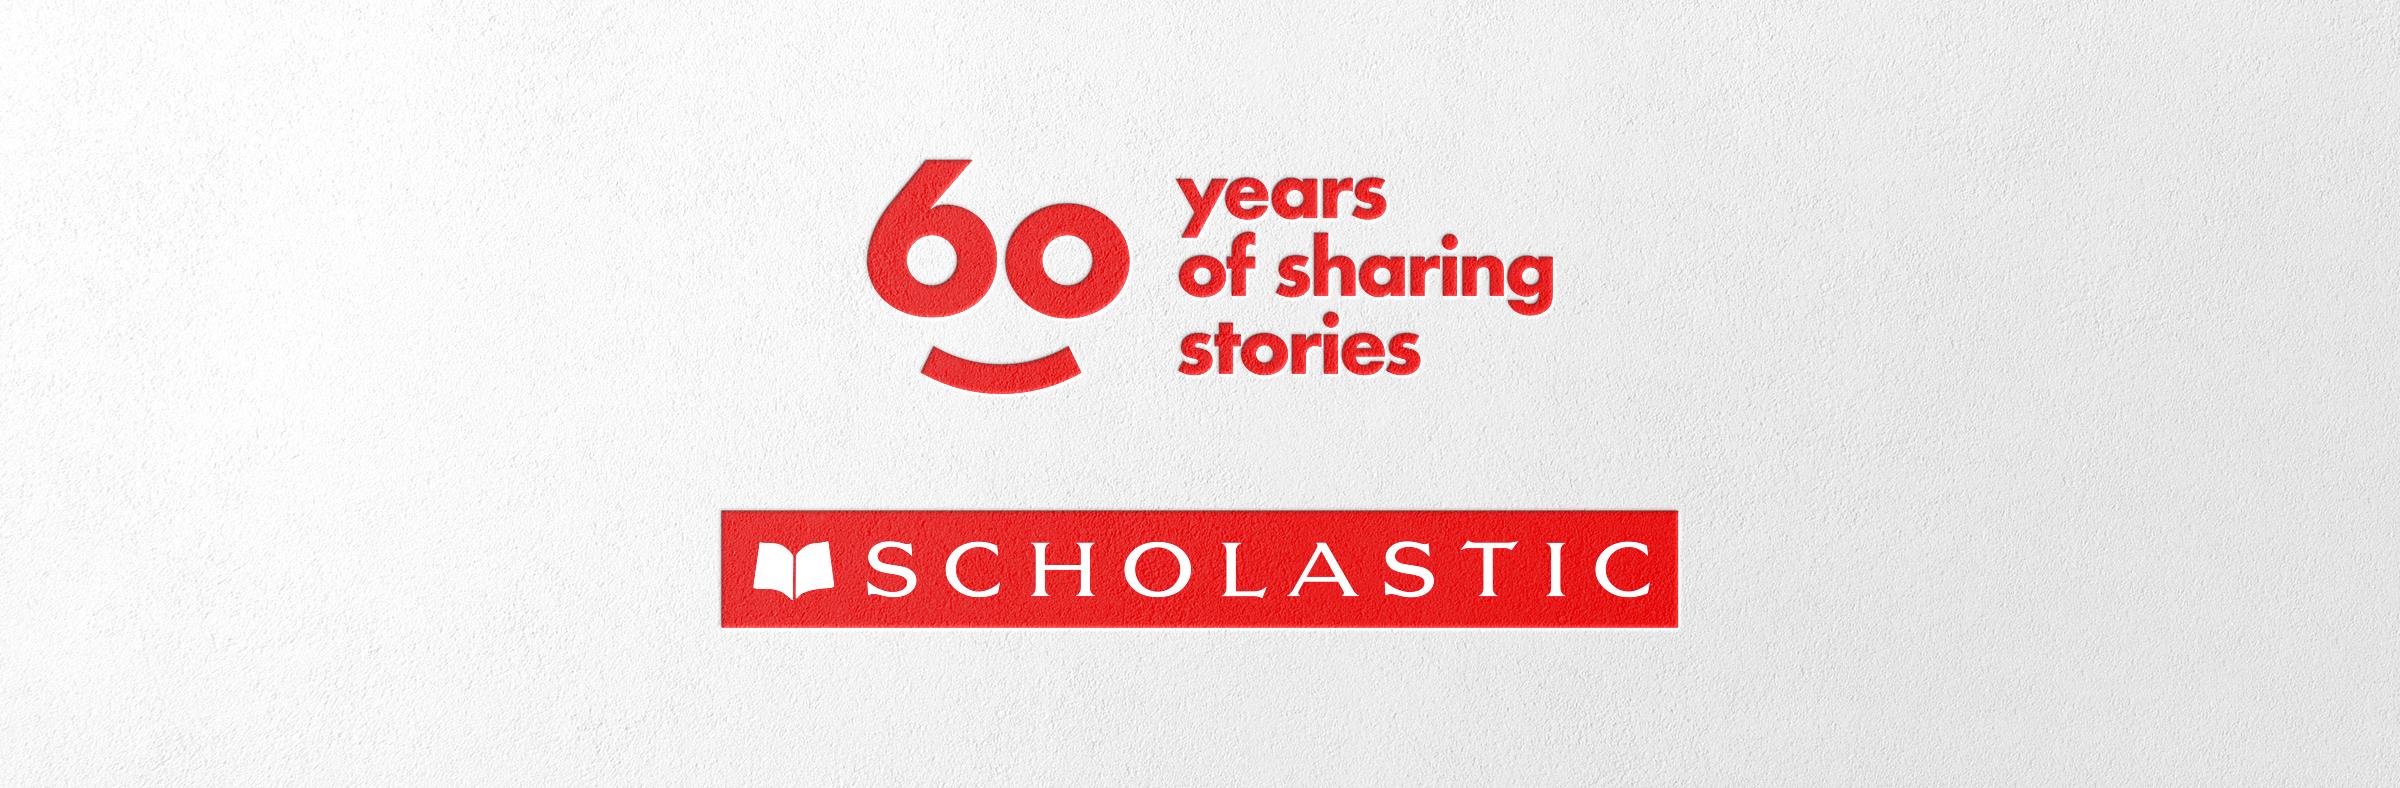 Scholastic 60 year anniversary logo lockup